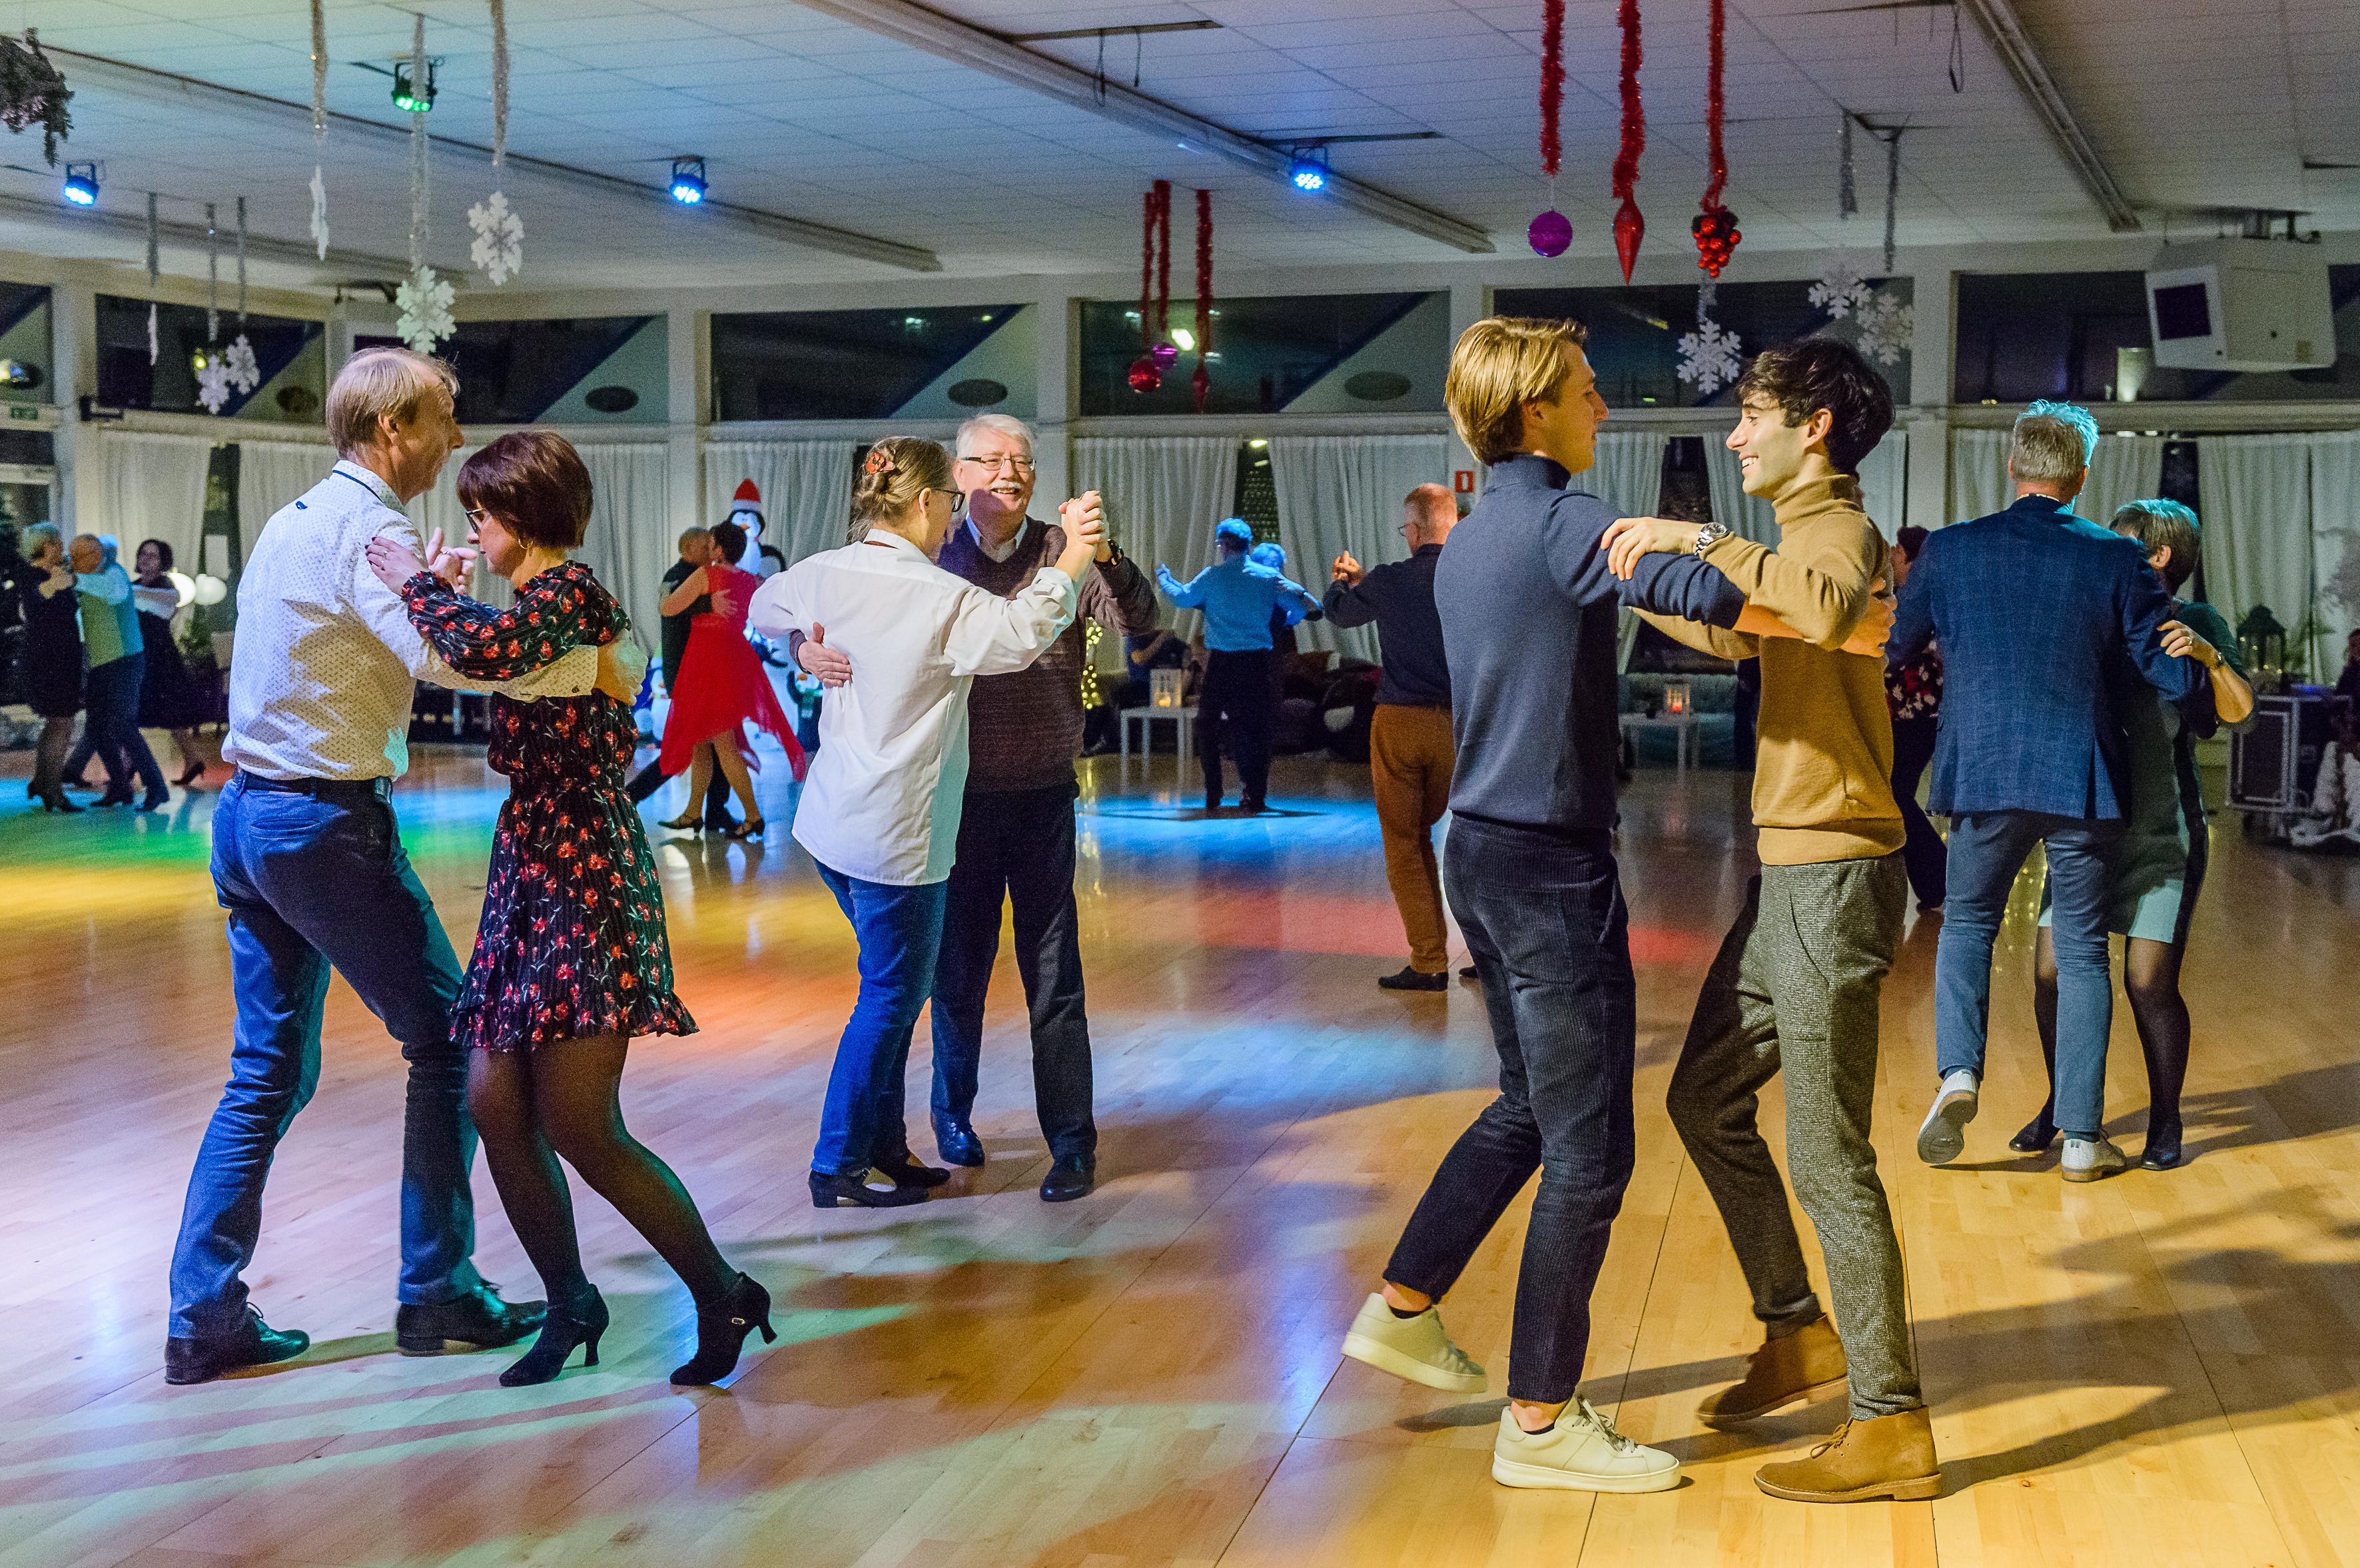 Dansschool Hotspot werkt zich uit faillissement en betaalt met donaties en leskaarten de schulden af: 'Vertrouwen in dat we het gaan redden'